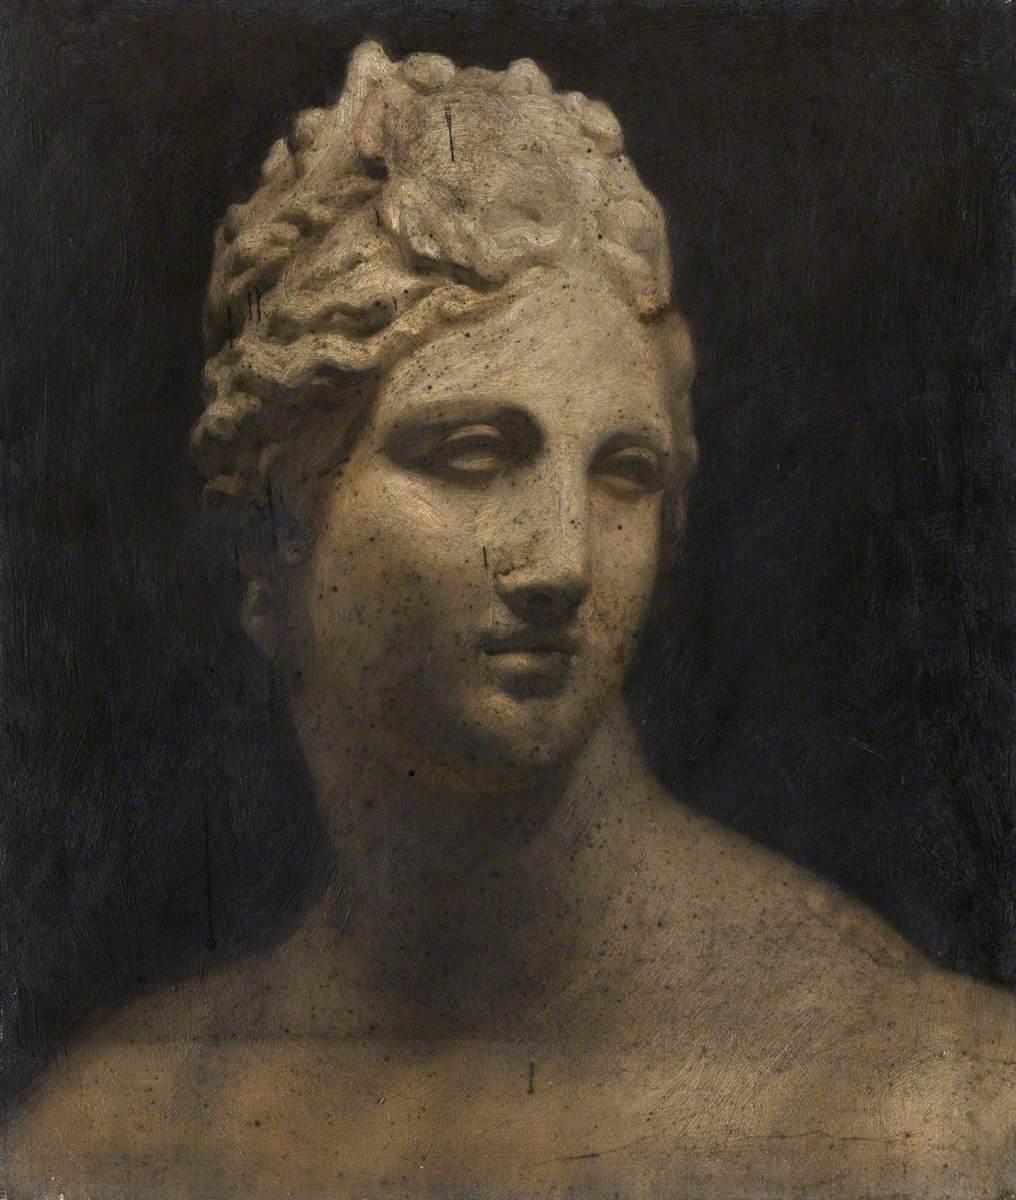 The Venus de' Medici